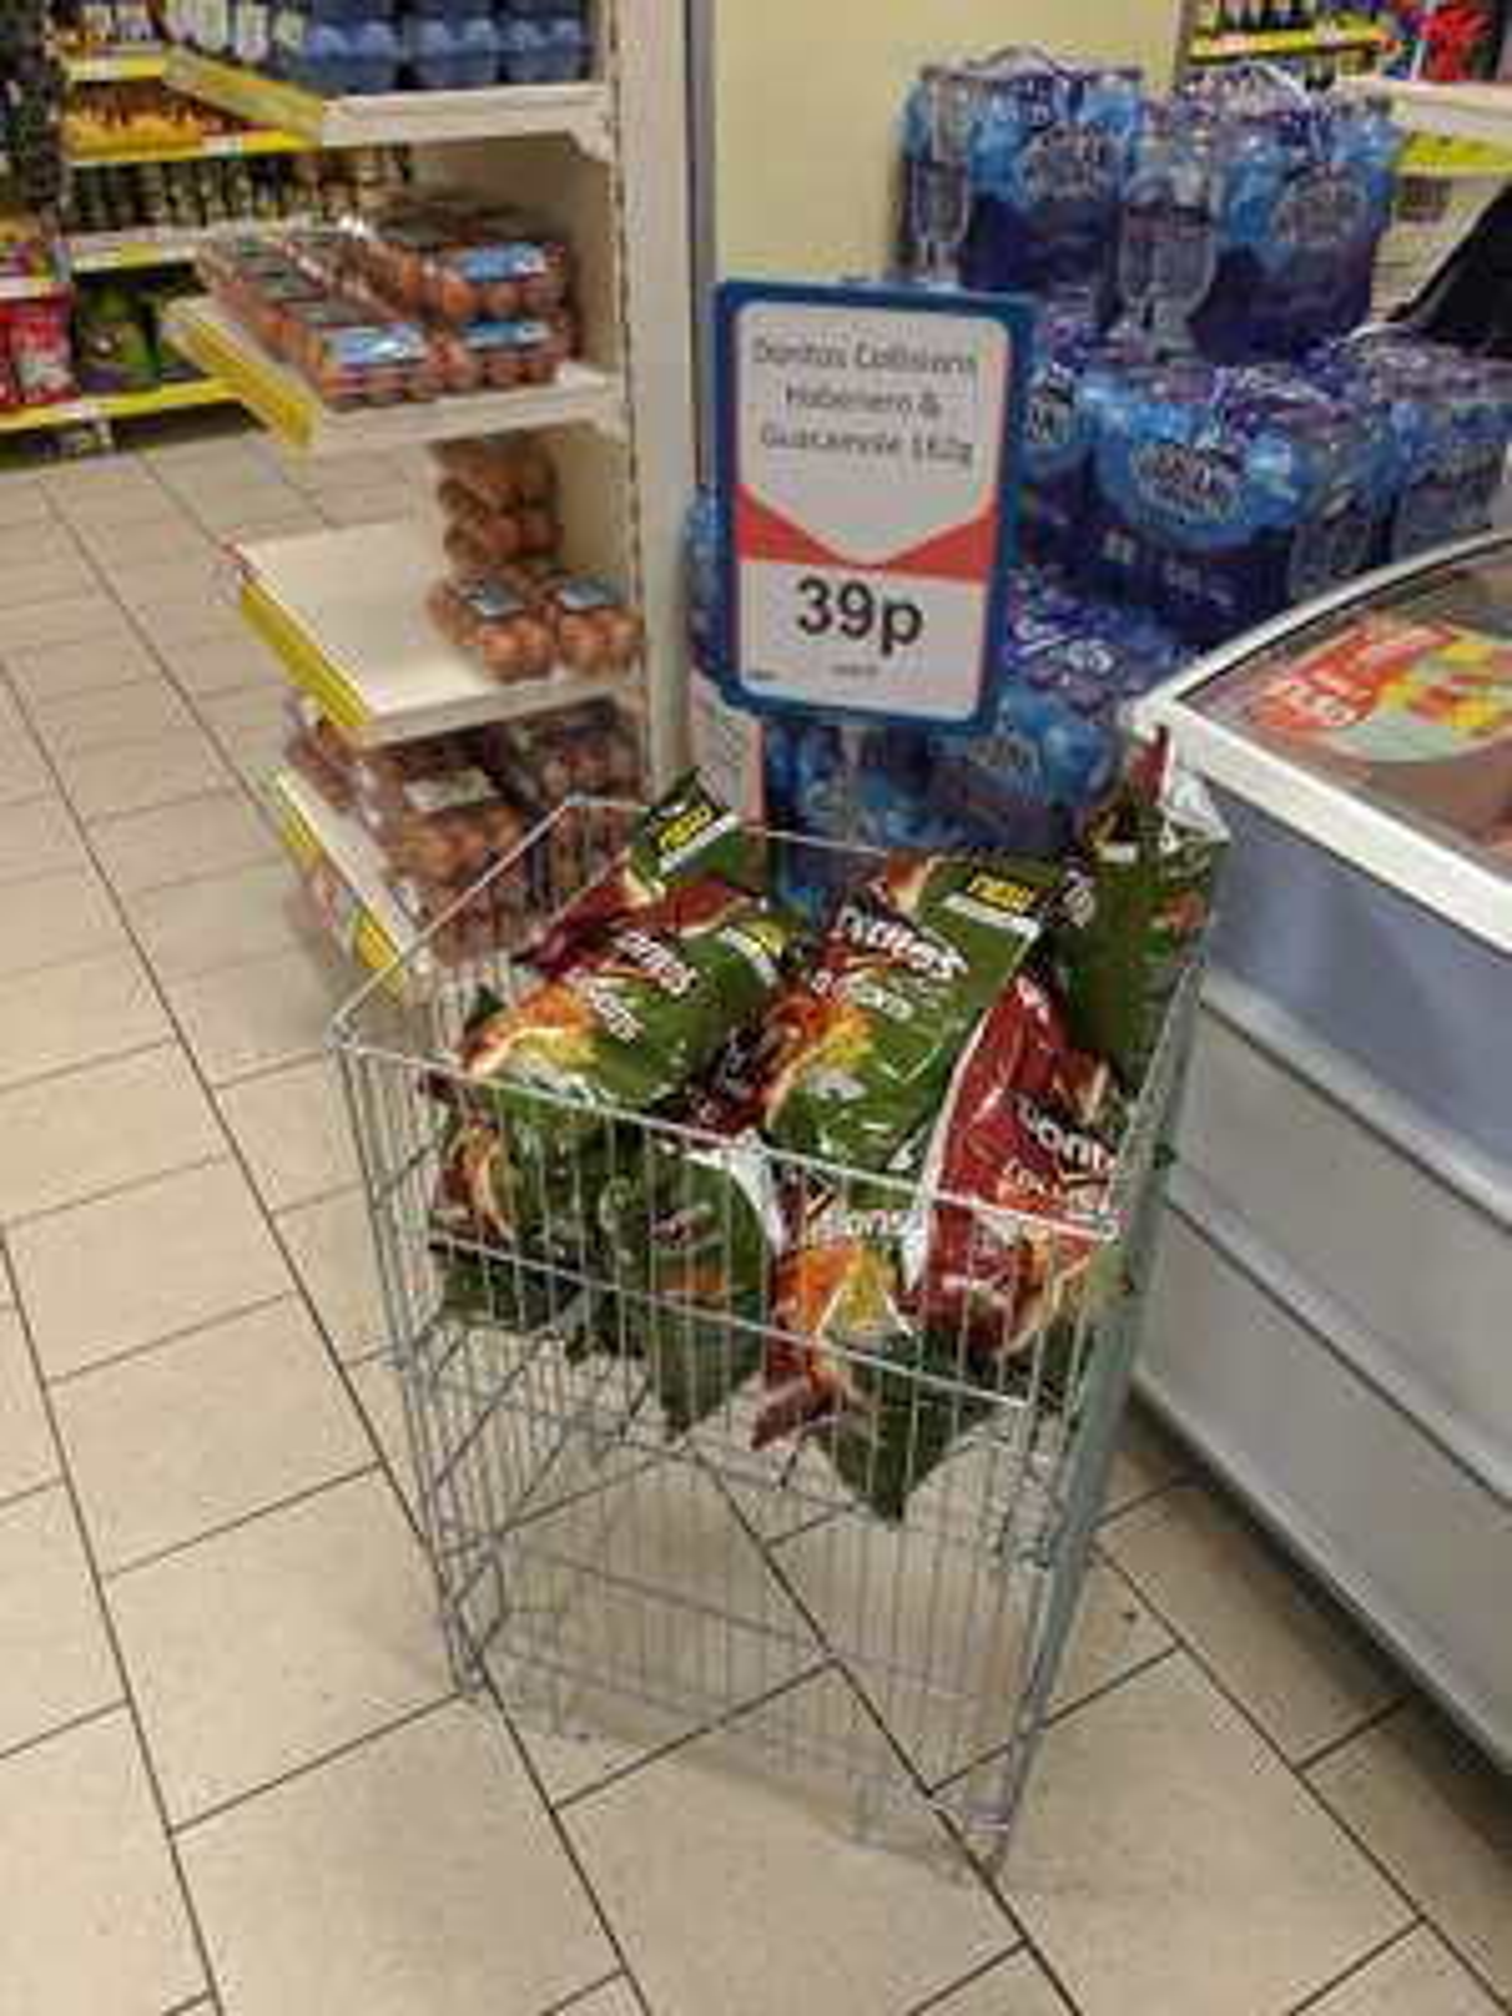 Doritos Collisions Habenero Chilli & Guacamole 162g 39p each @ Heron Foods Bury